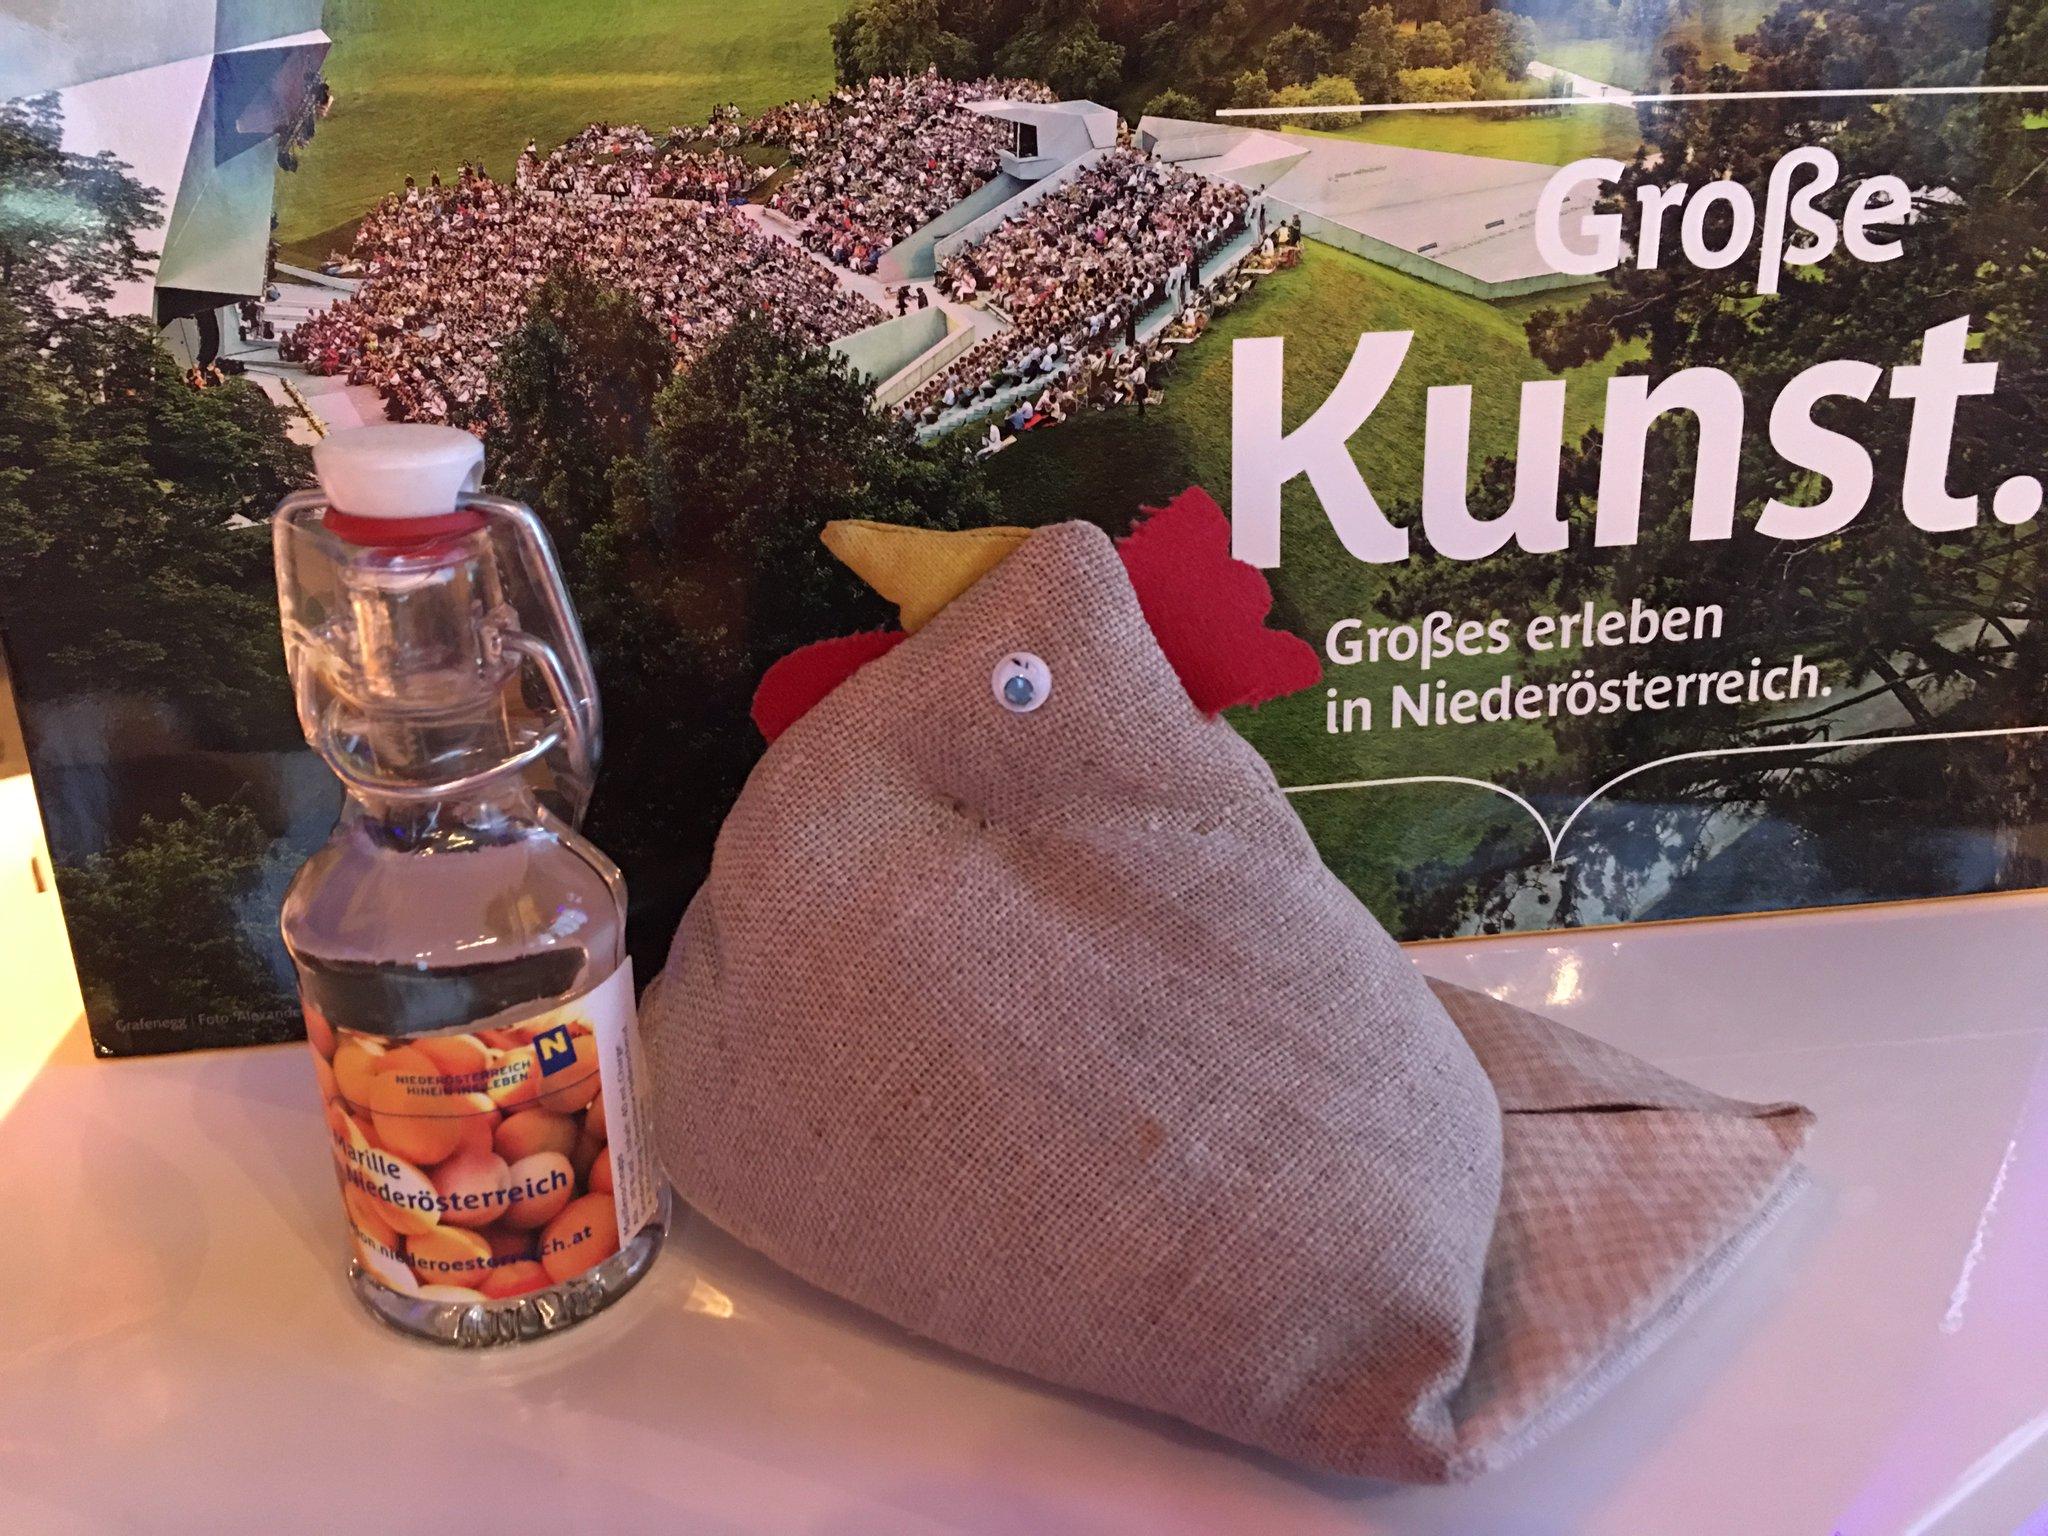 Kurz einen Marillenschnaps aus Niederösterreich genießen #mnrw17 https://t.co/4k8IVvYfaN